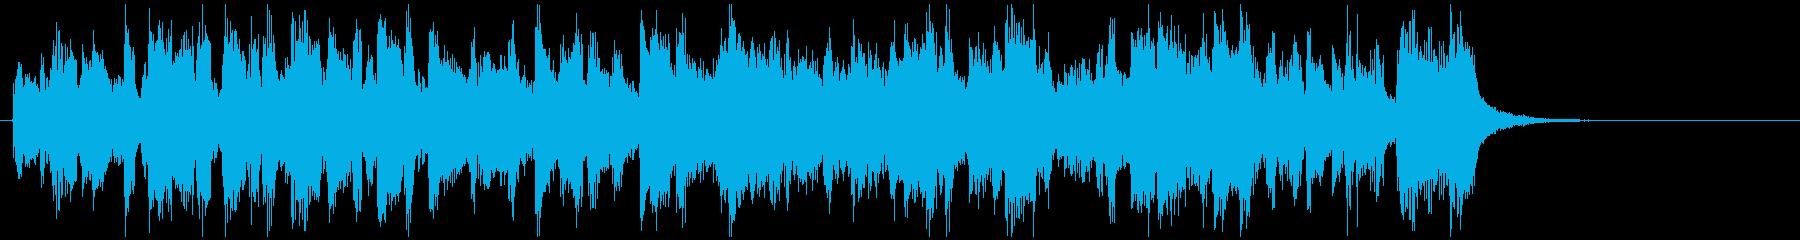 明るいノリノリなCM向けラテンサックスの再生済みの波形